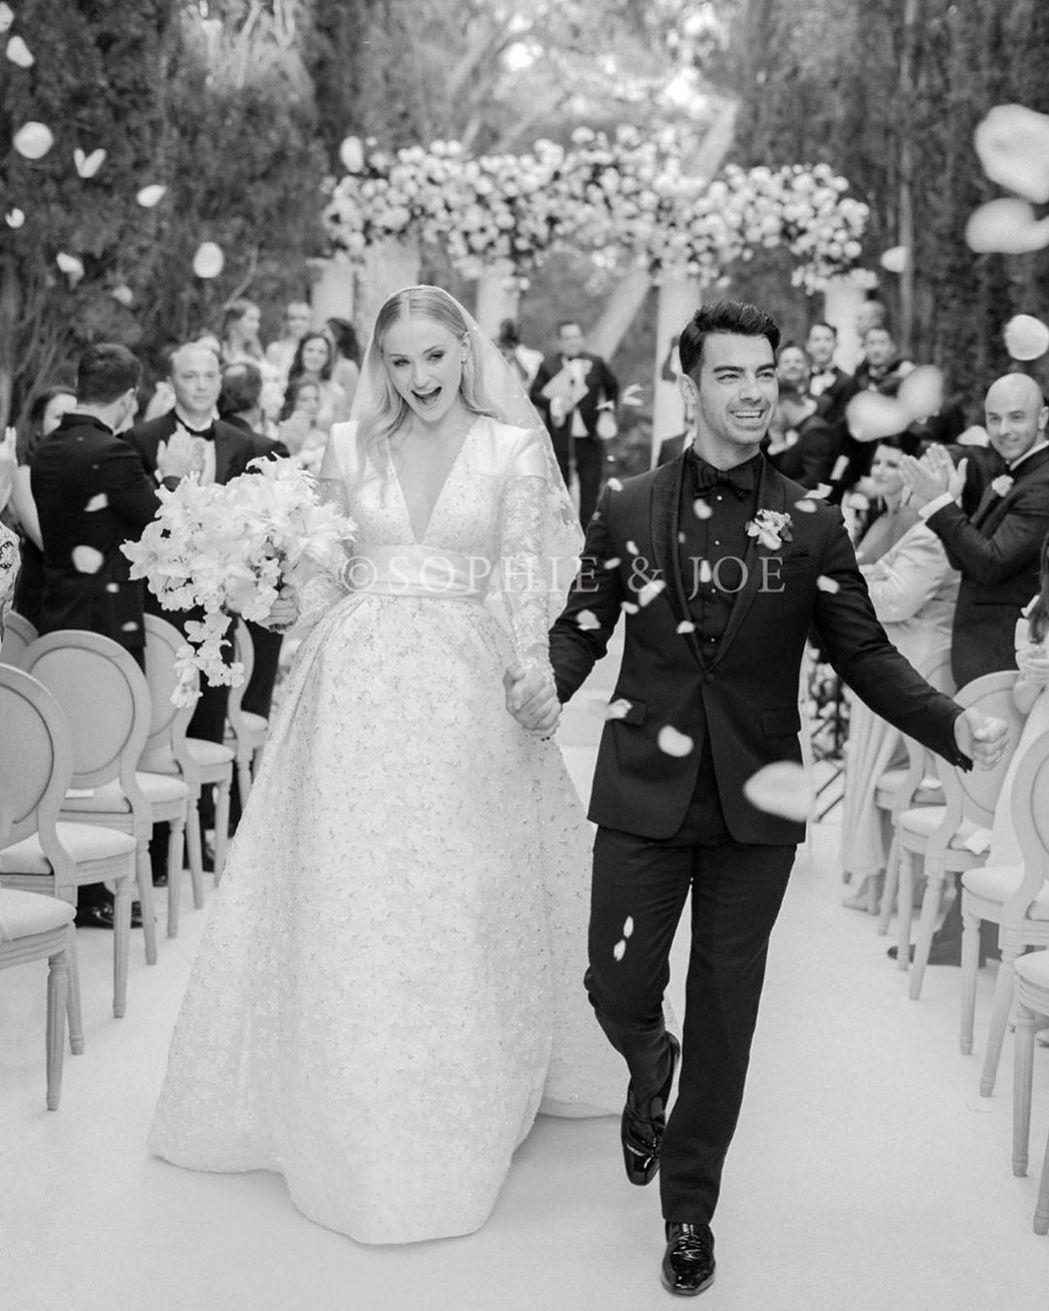 蘇菲透納與喬強納斯有如公主與王子的化身。圖/摘自Instagram